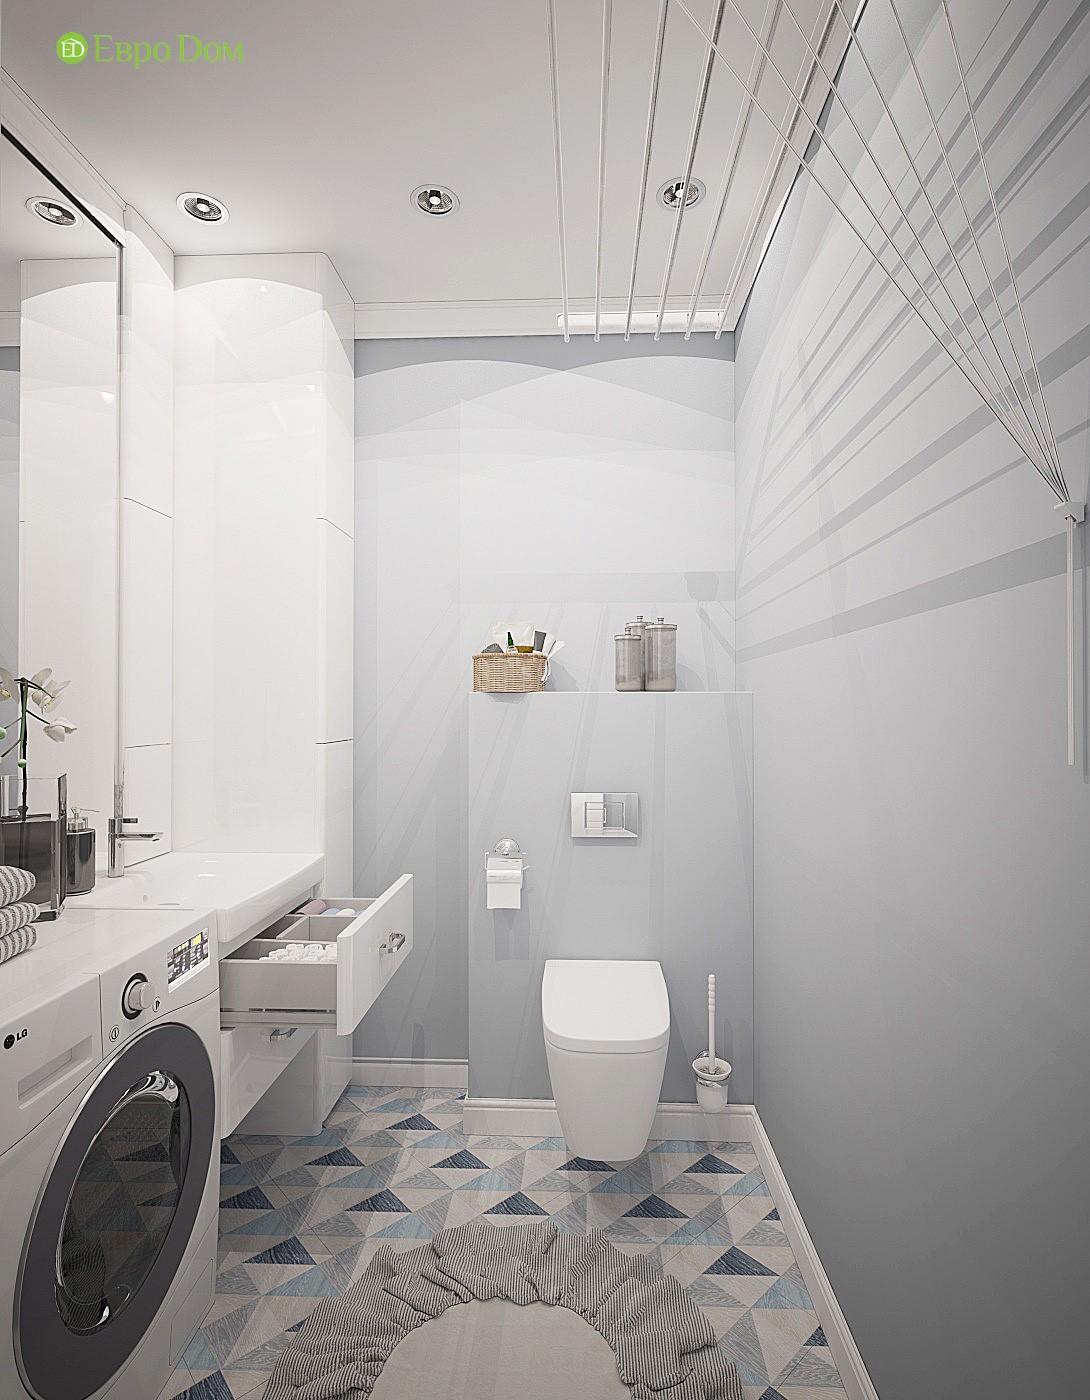 дизайн трехкомнатной квартиры в современном стиле; санузел